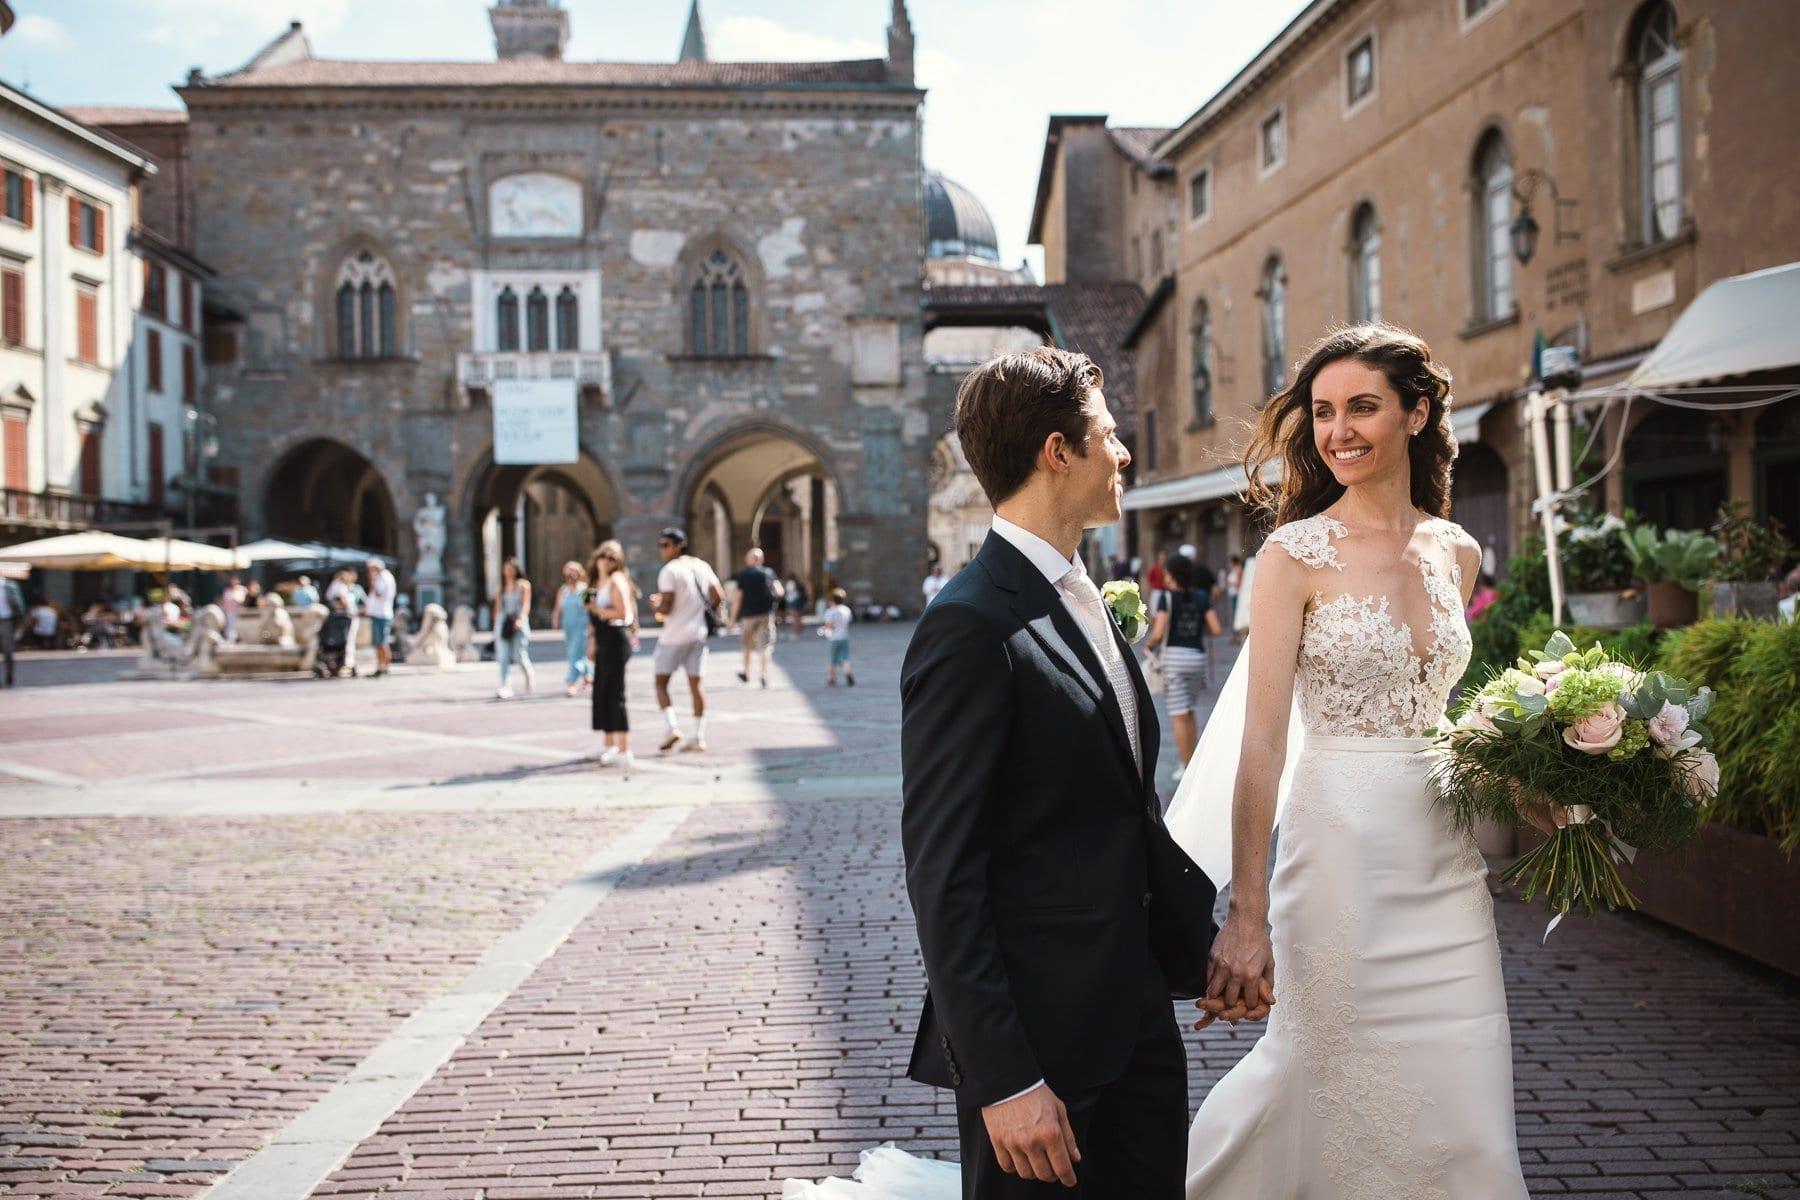 Fotografo matrimonio Bergamo - Piazza vecchia Bergamo